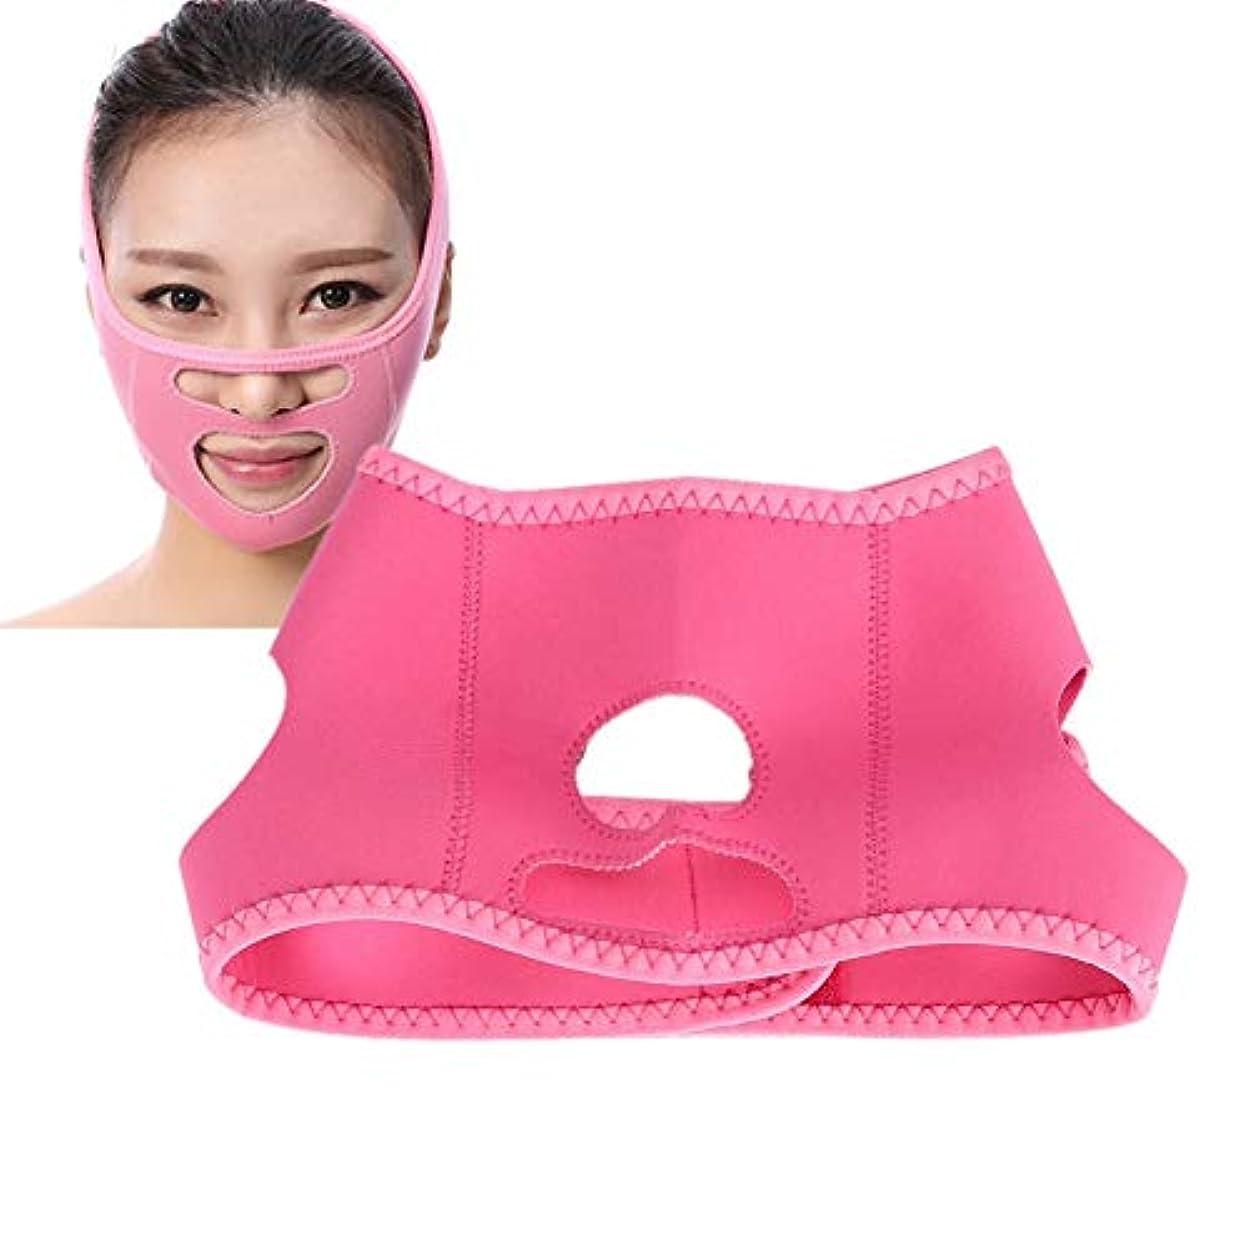 ボイコットコード農夫フェイスマスク 低反発素材 通気 小顔 矯正 顔痩せ 筋肉弛緩 二重あご 補正ベルト